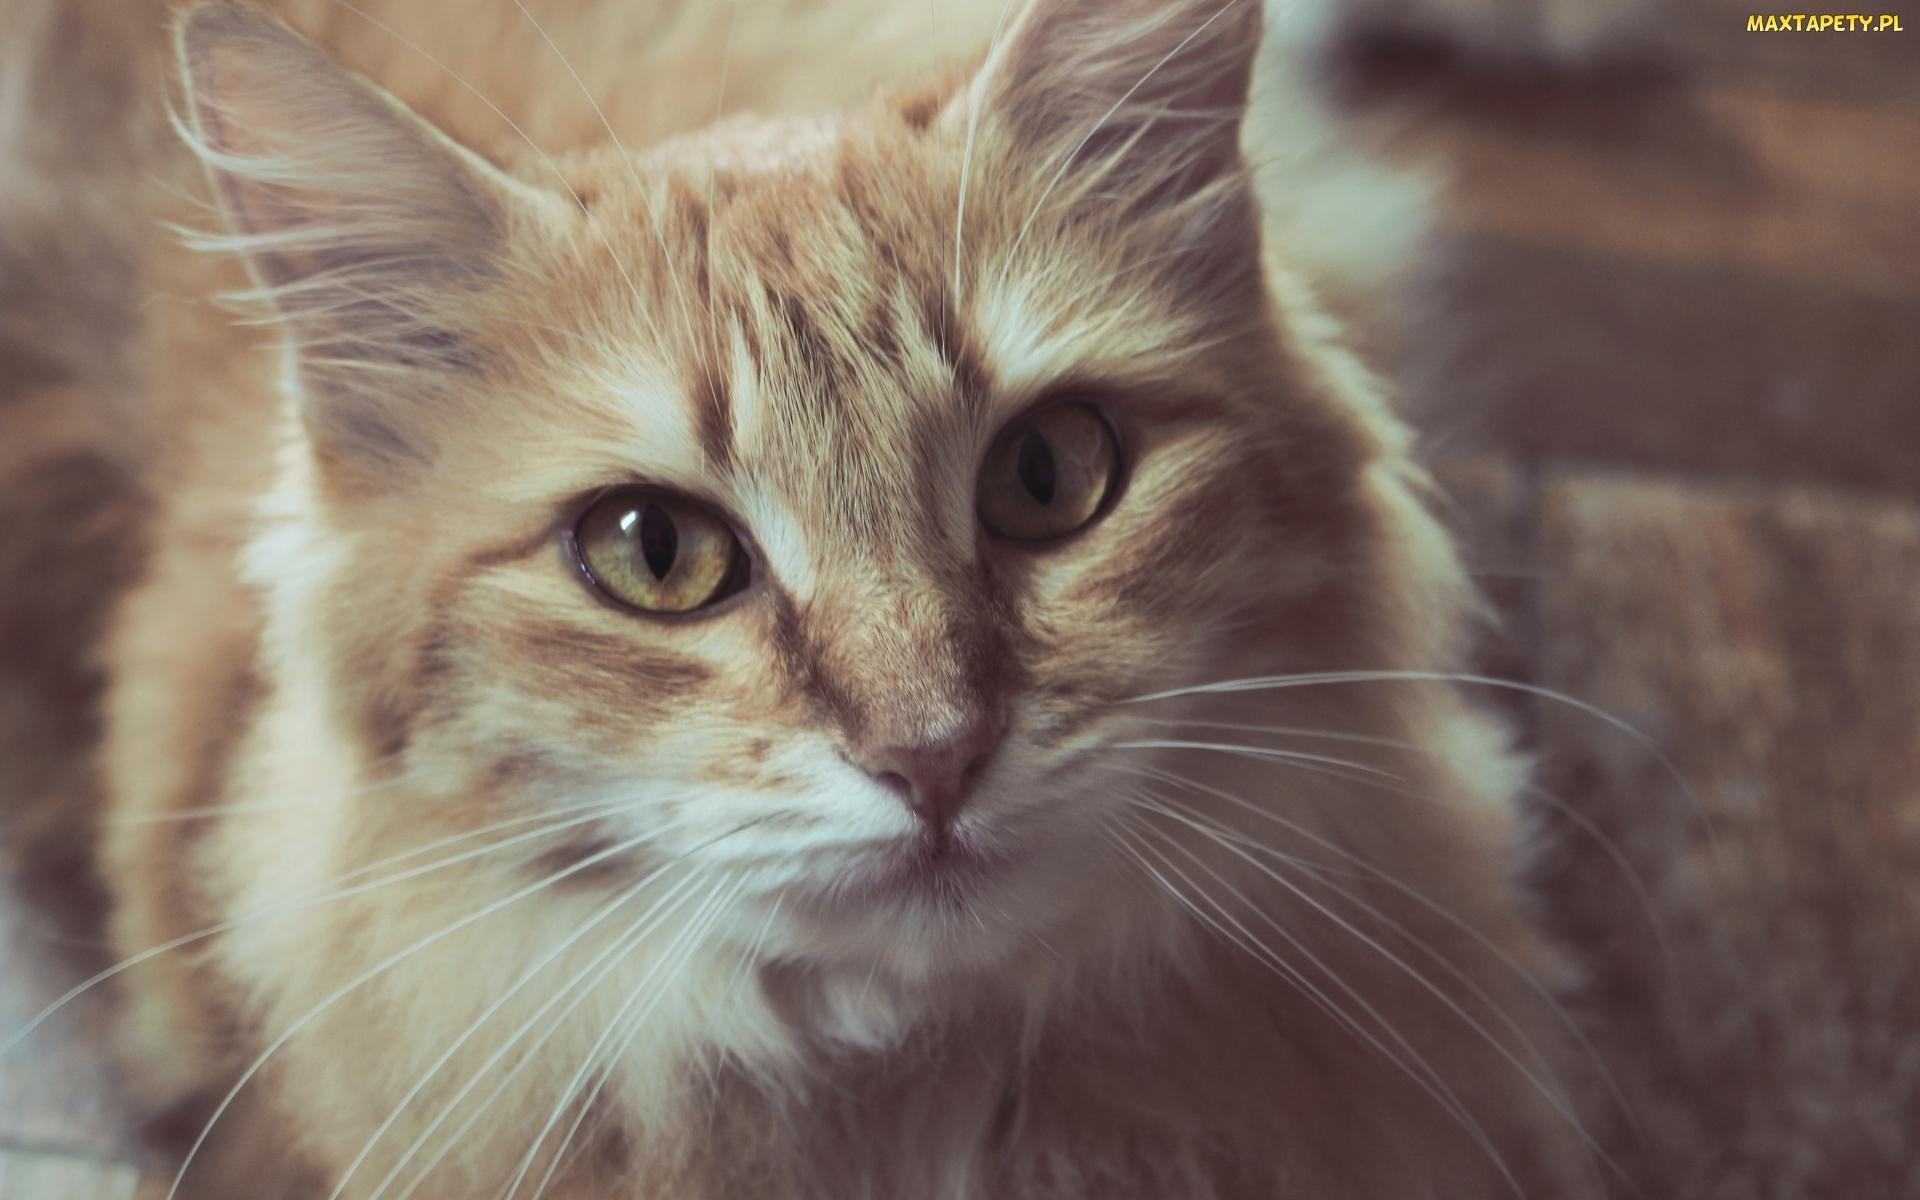 Tapety Zdjęcia Rudy Rozmyte Tło Spojrzenie Kot